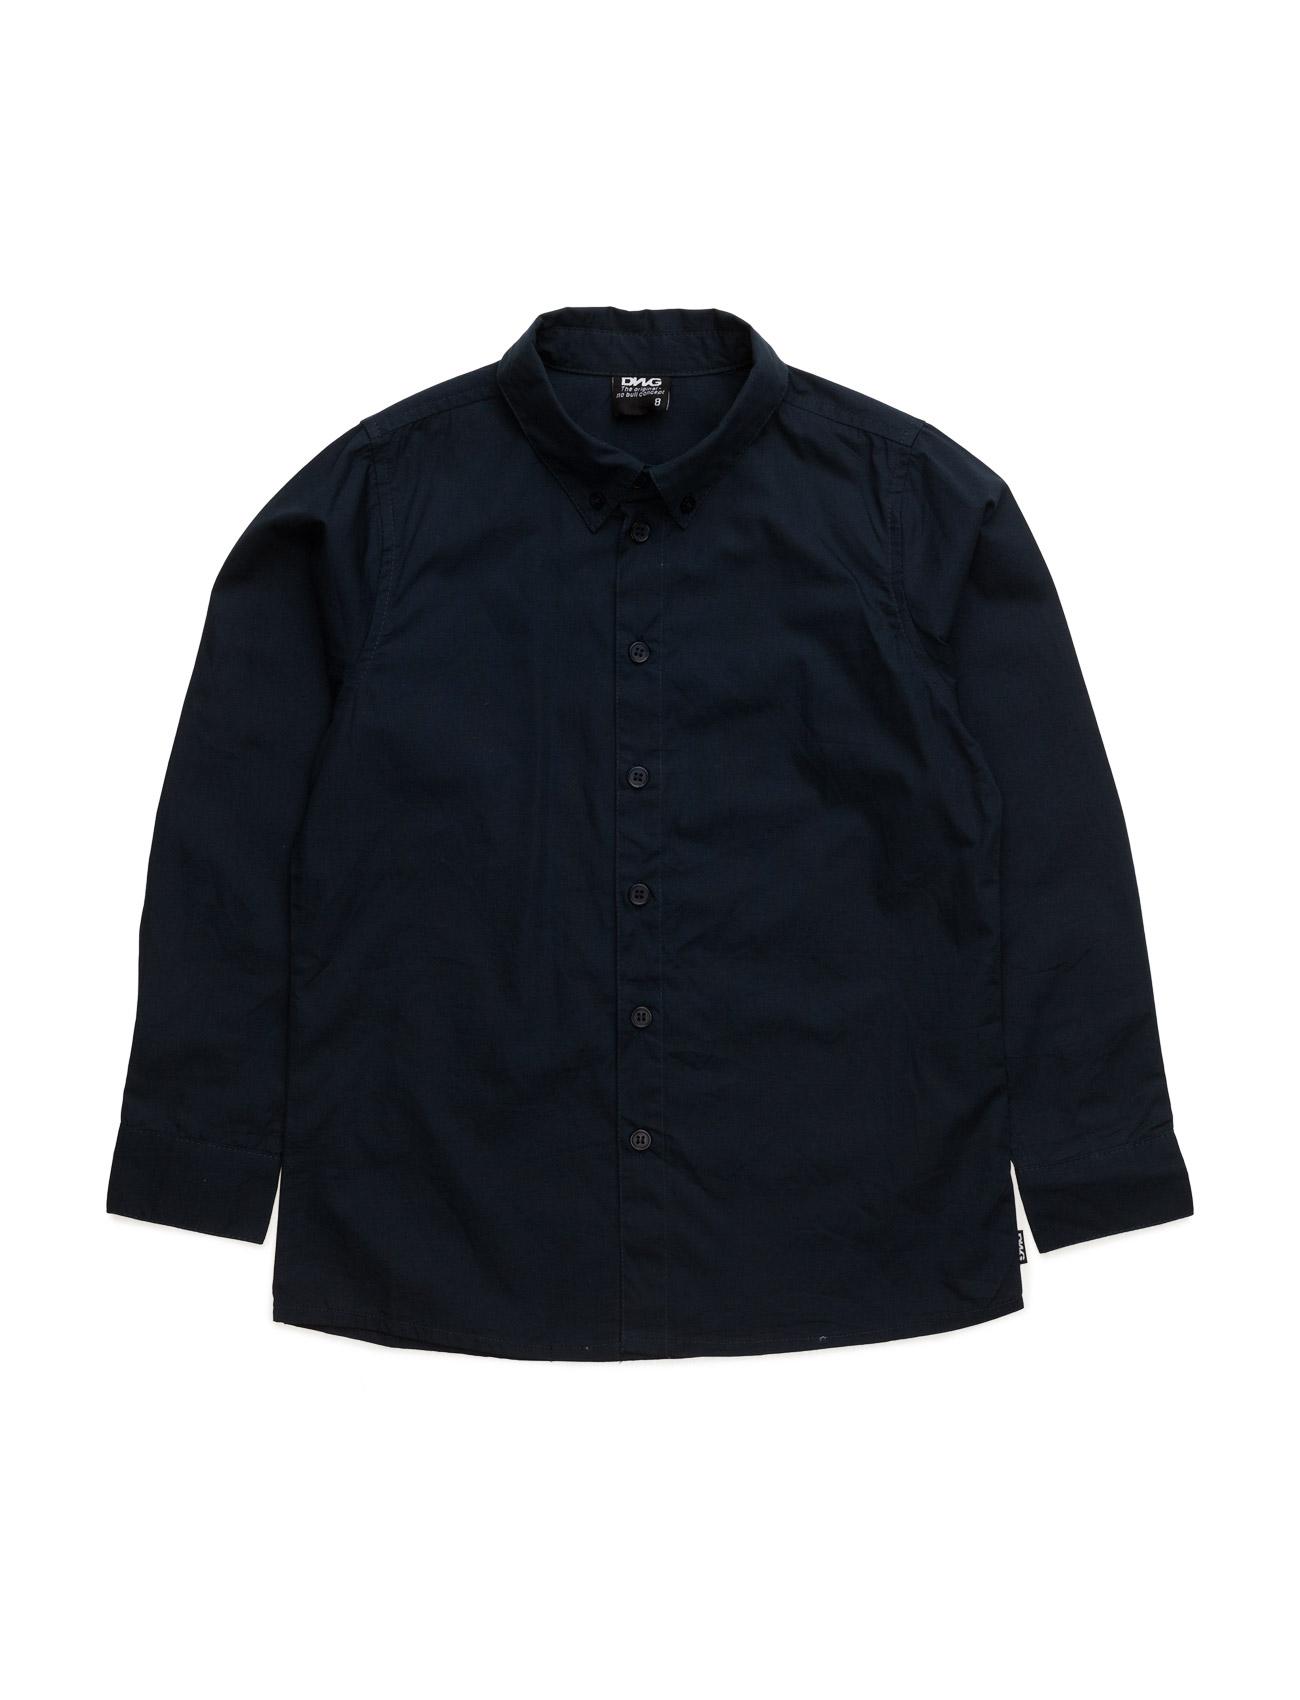 Benno shirt fra d-xel på boozt.com dk